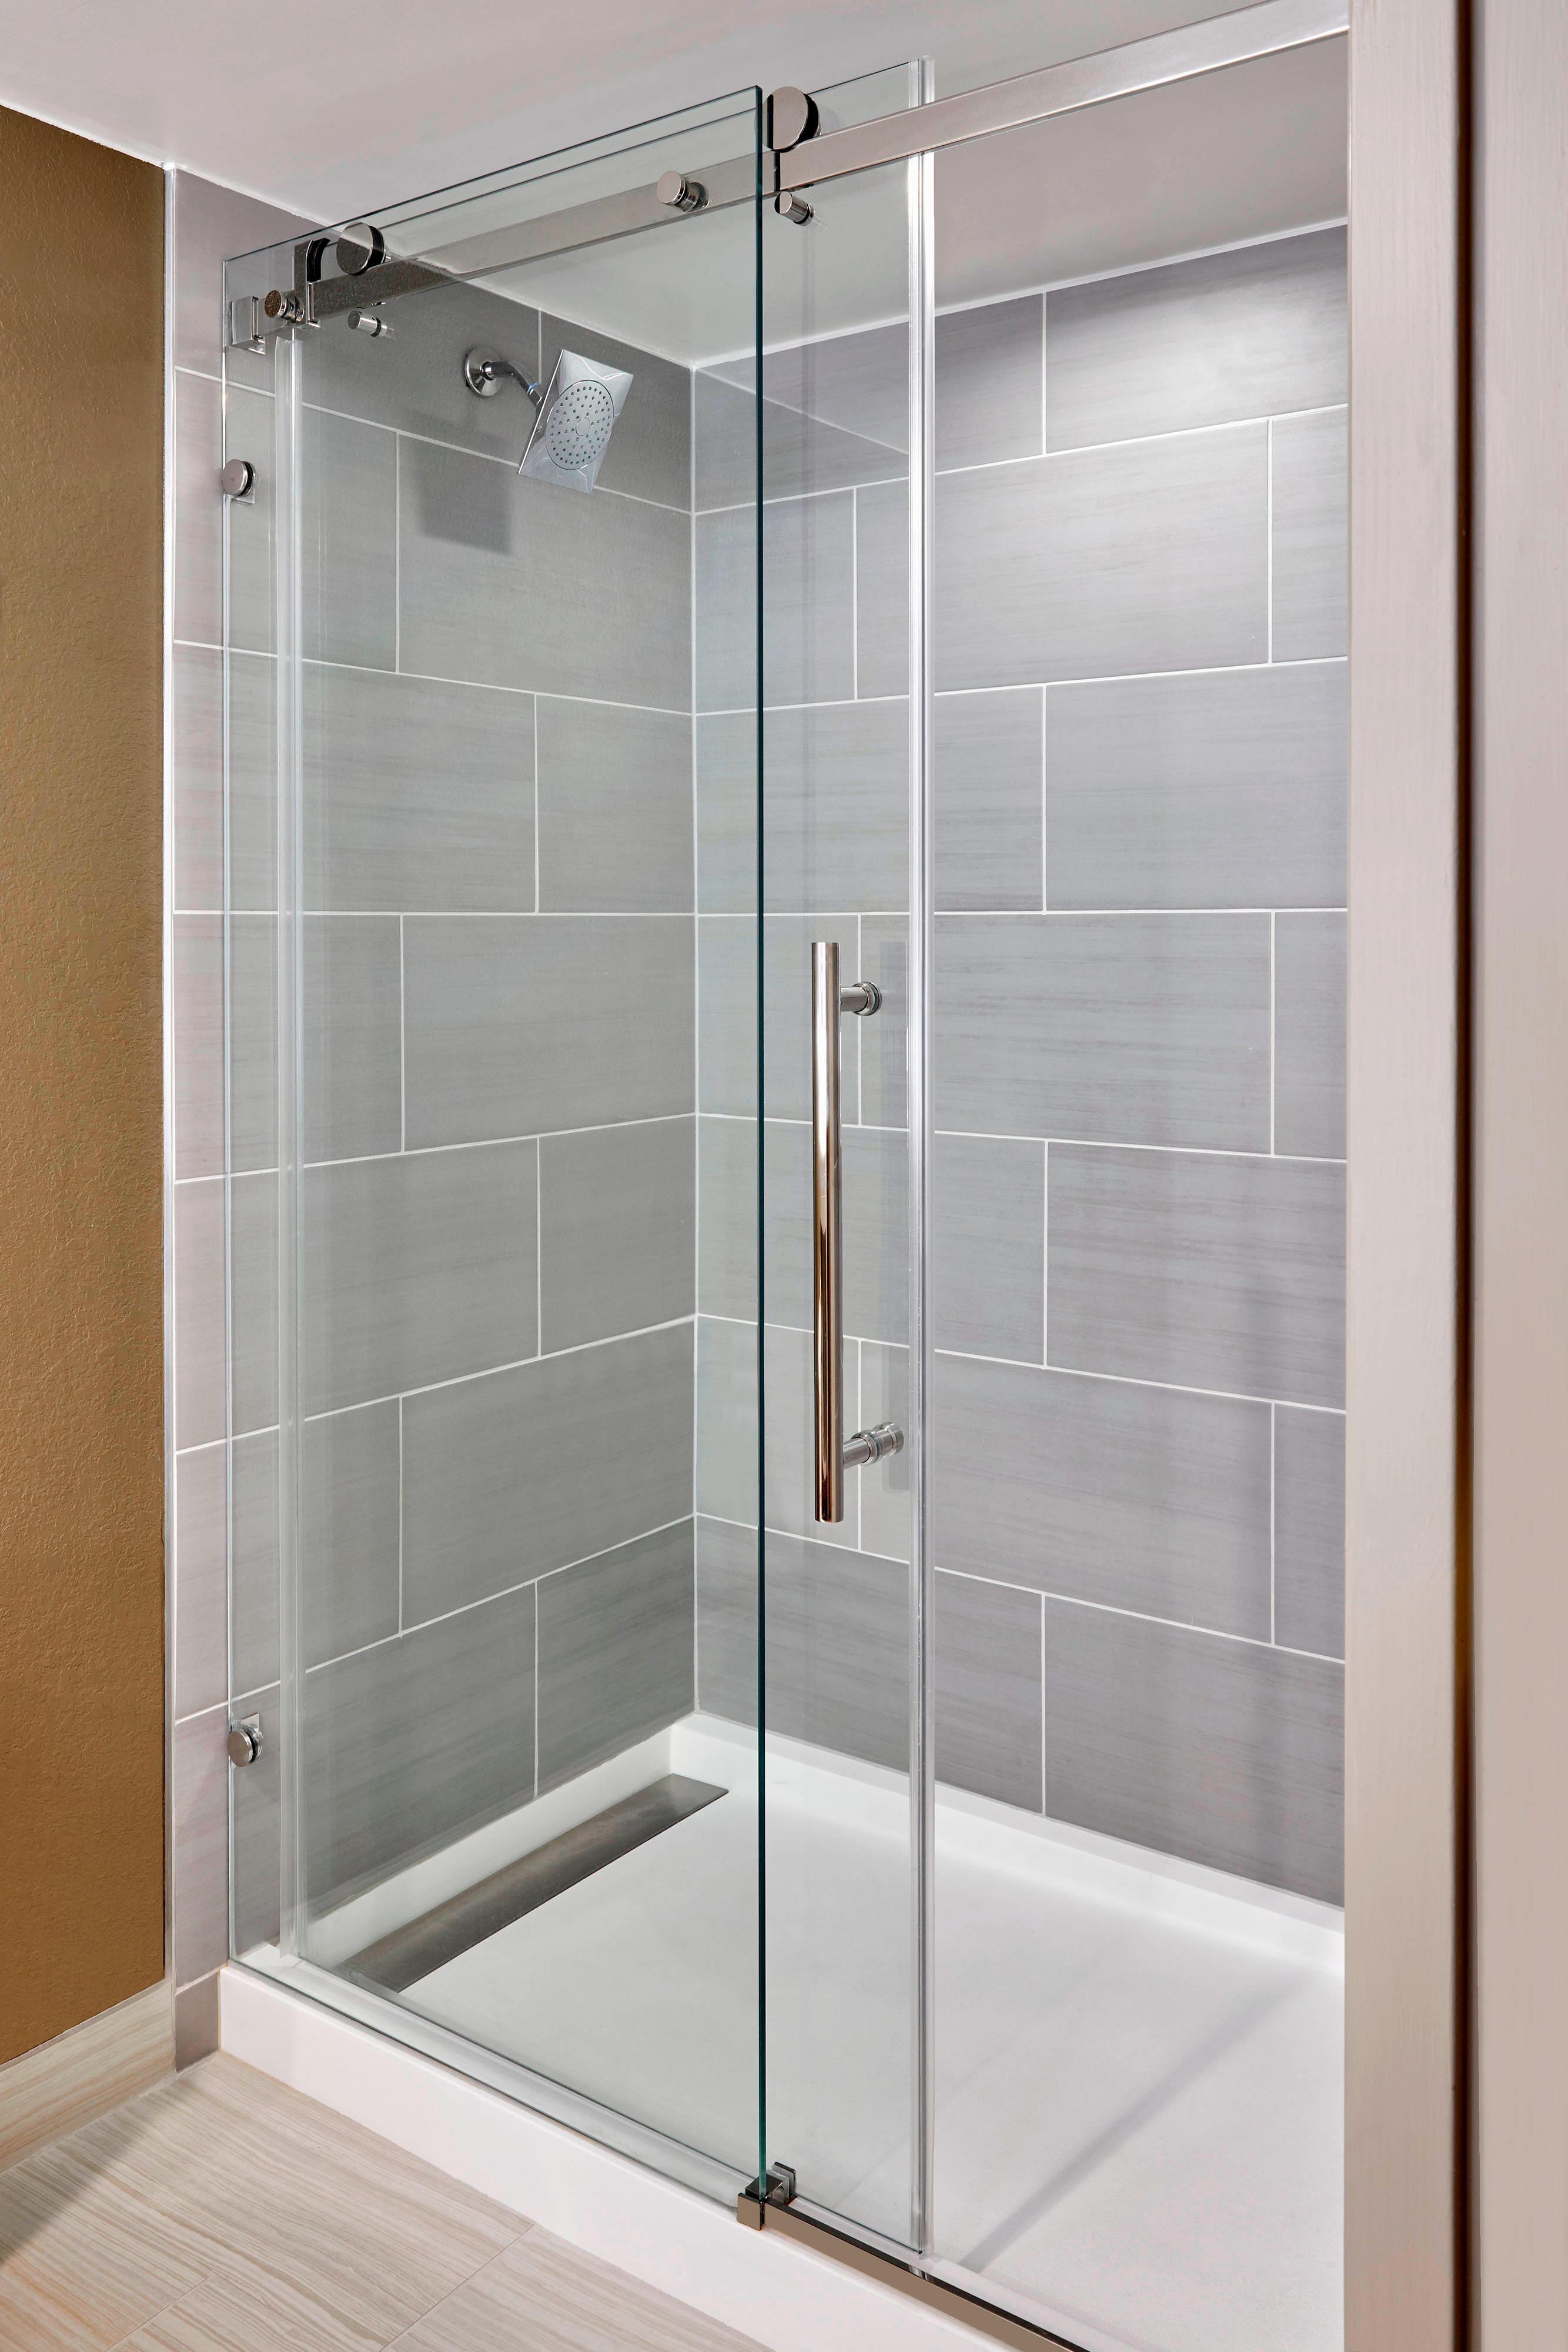 客室バスルームのシャワー